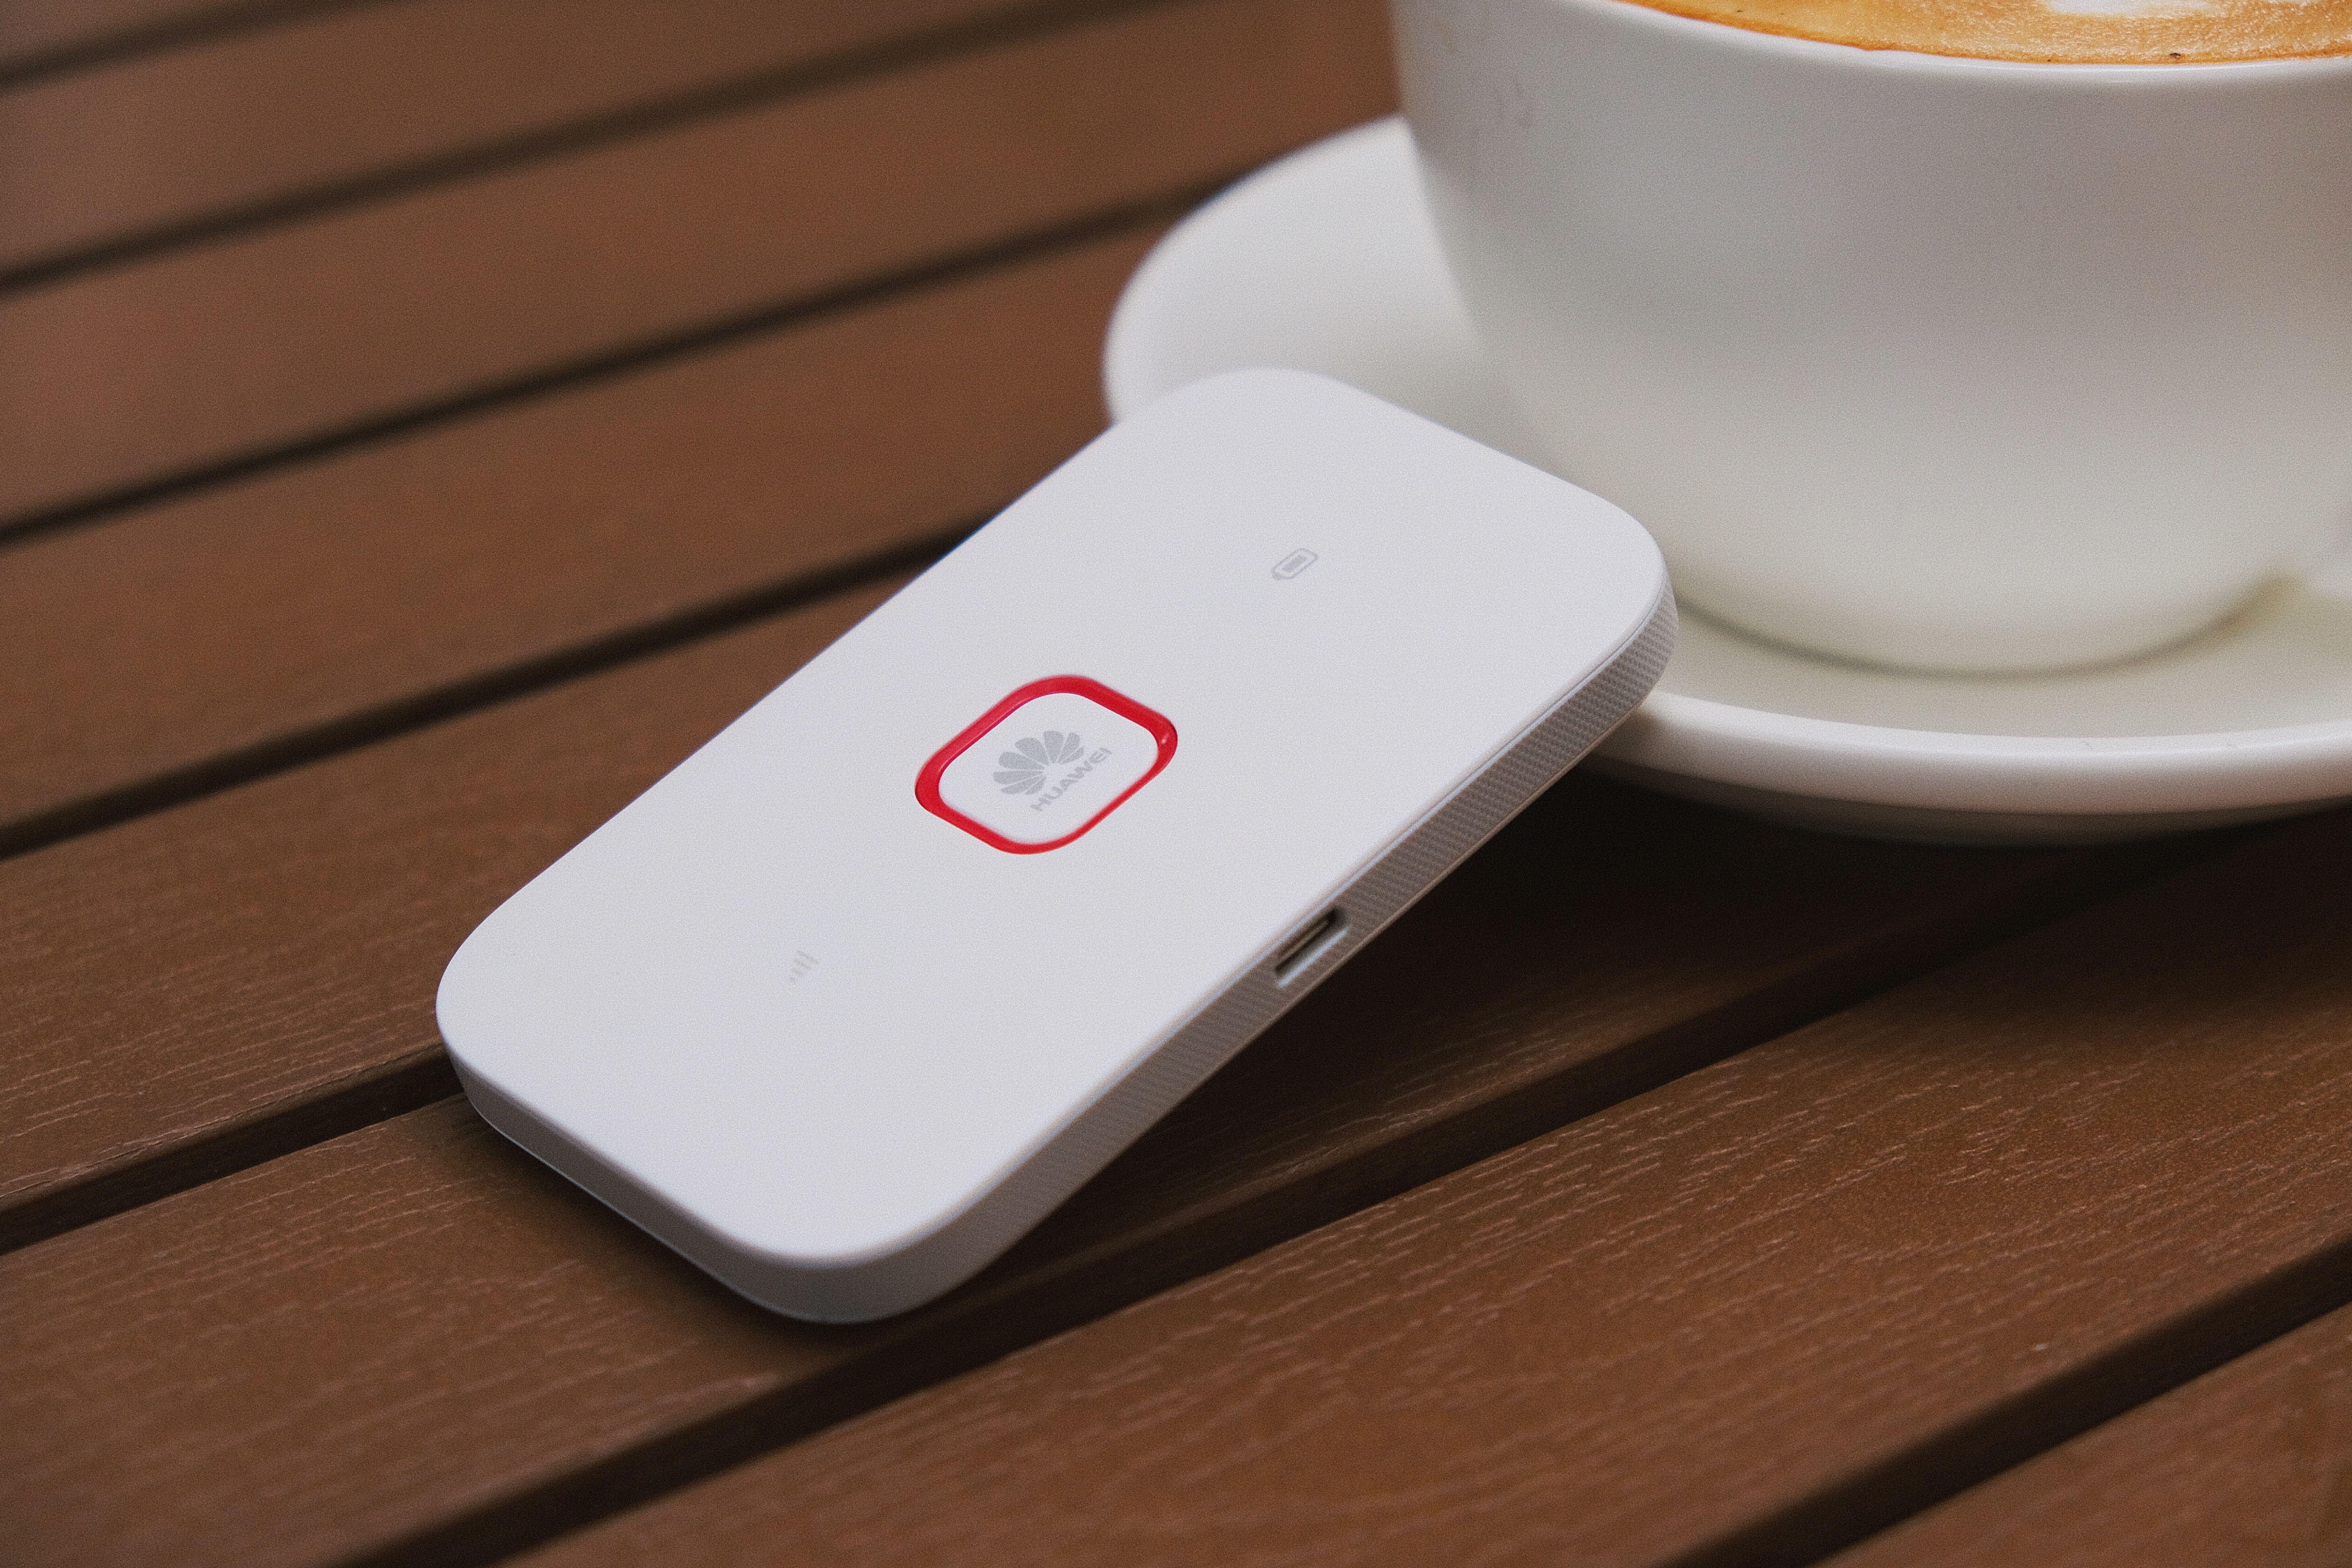 生活资讯_华为随行 WiFi 2 畅享版上手:高颜值的便携「口袋 WiFi」 | 极客公园